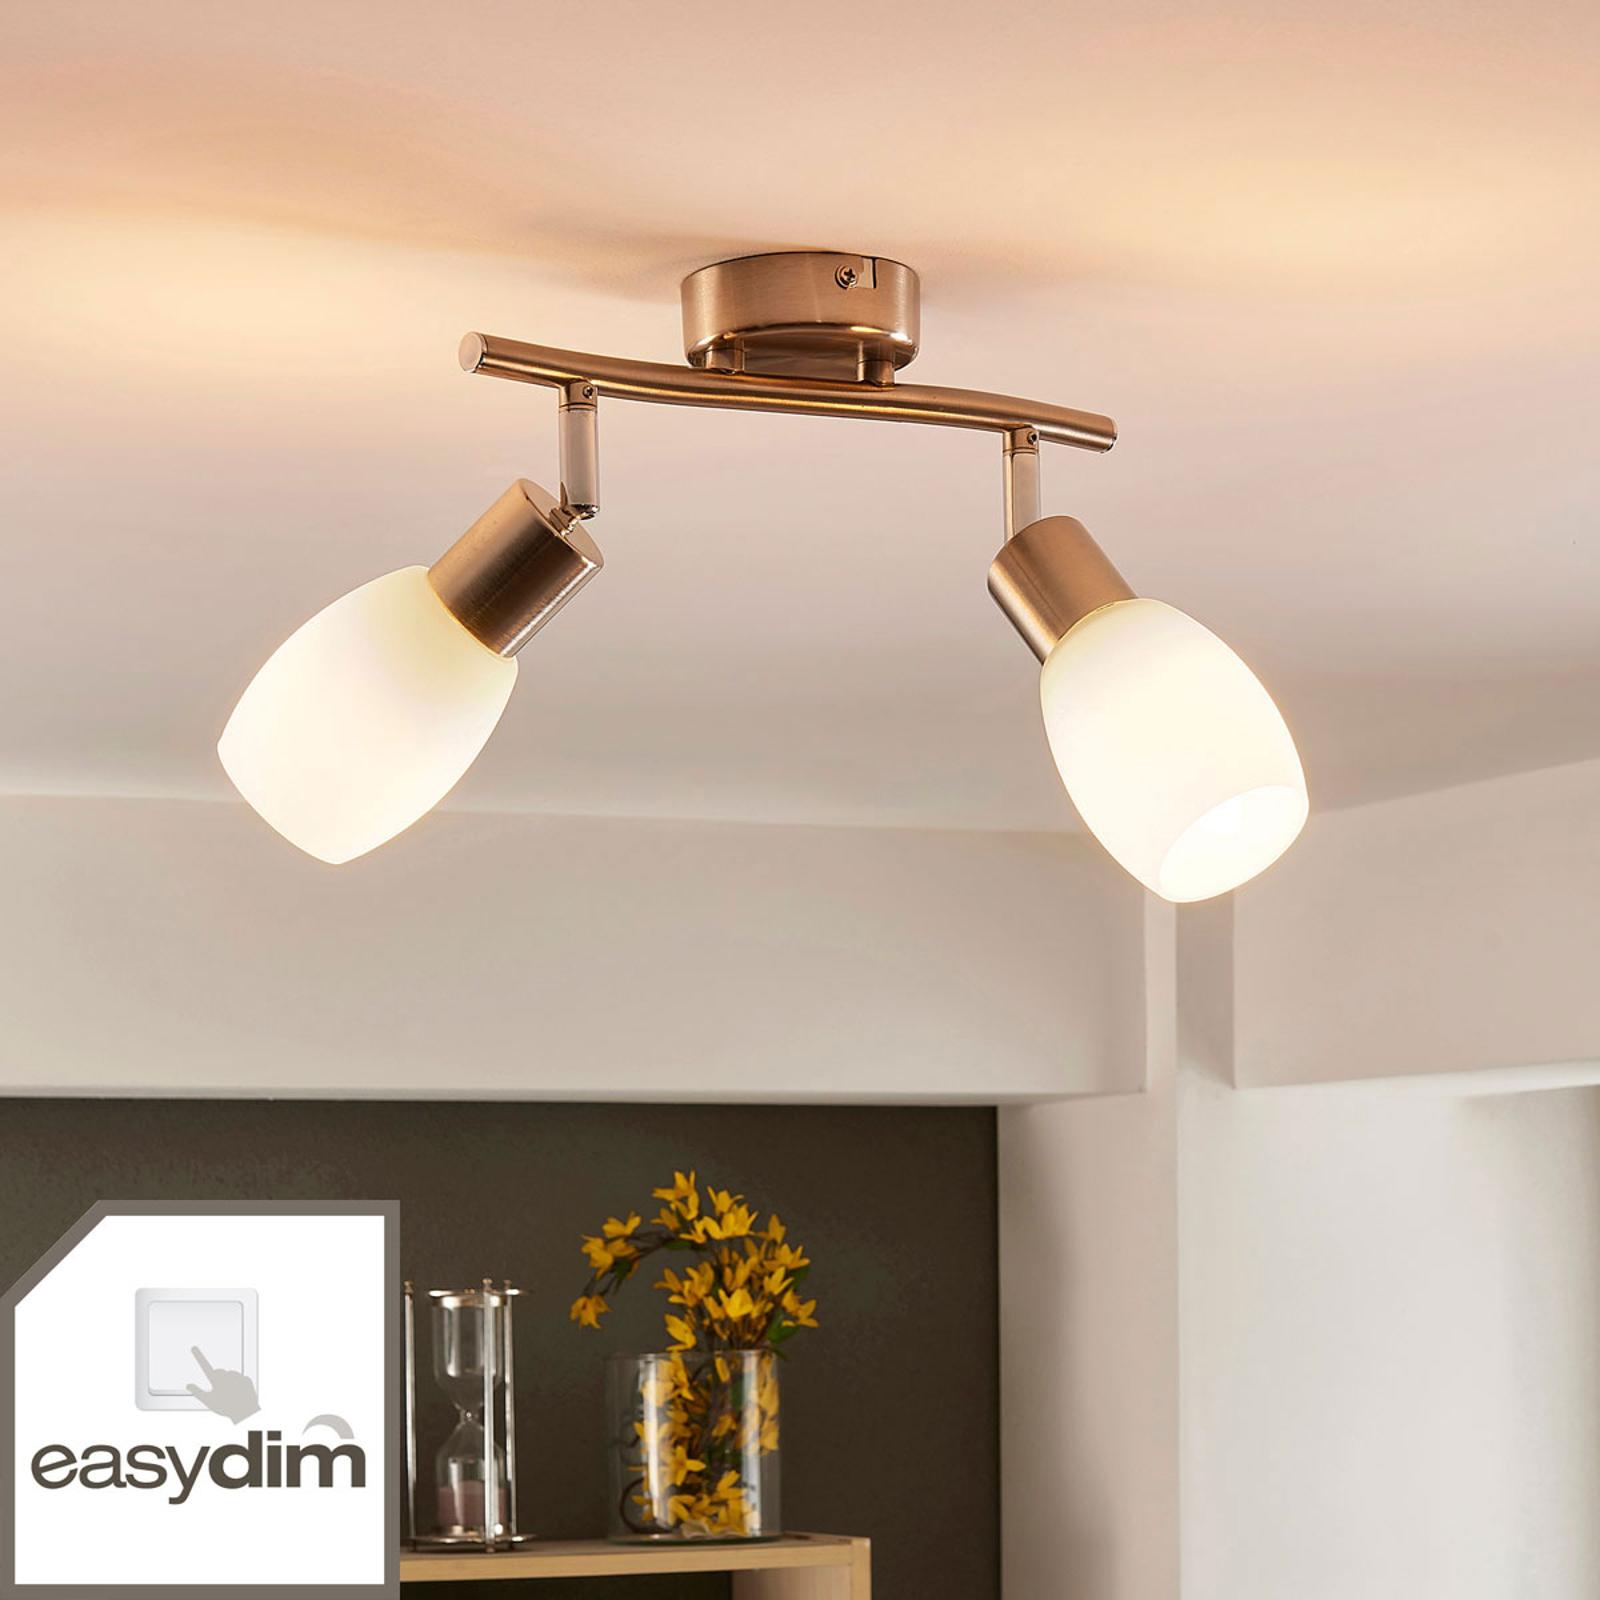 LED-Strahler Arda für Wand und Decke, easydim